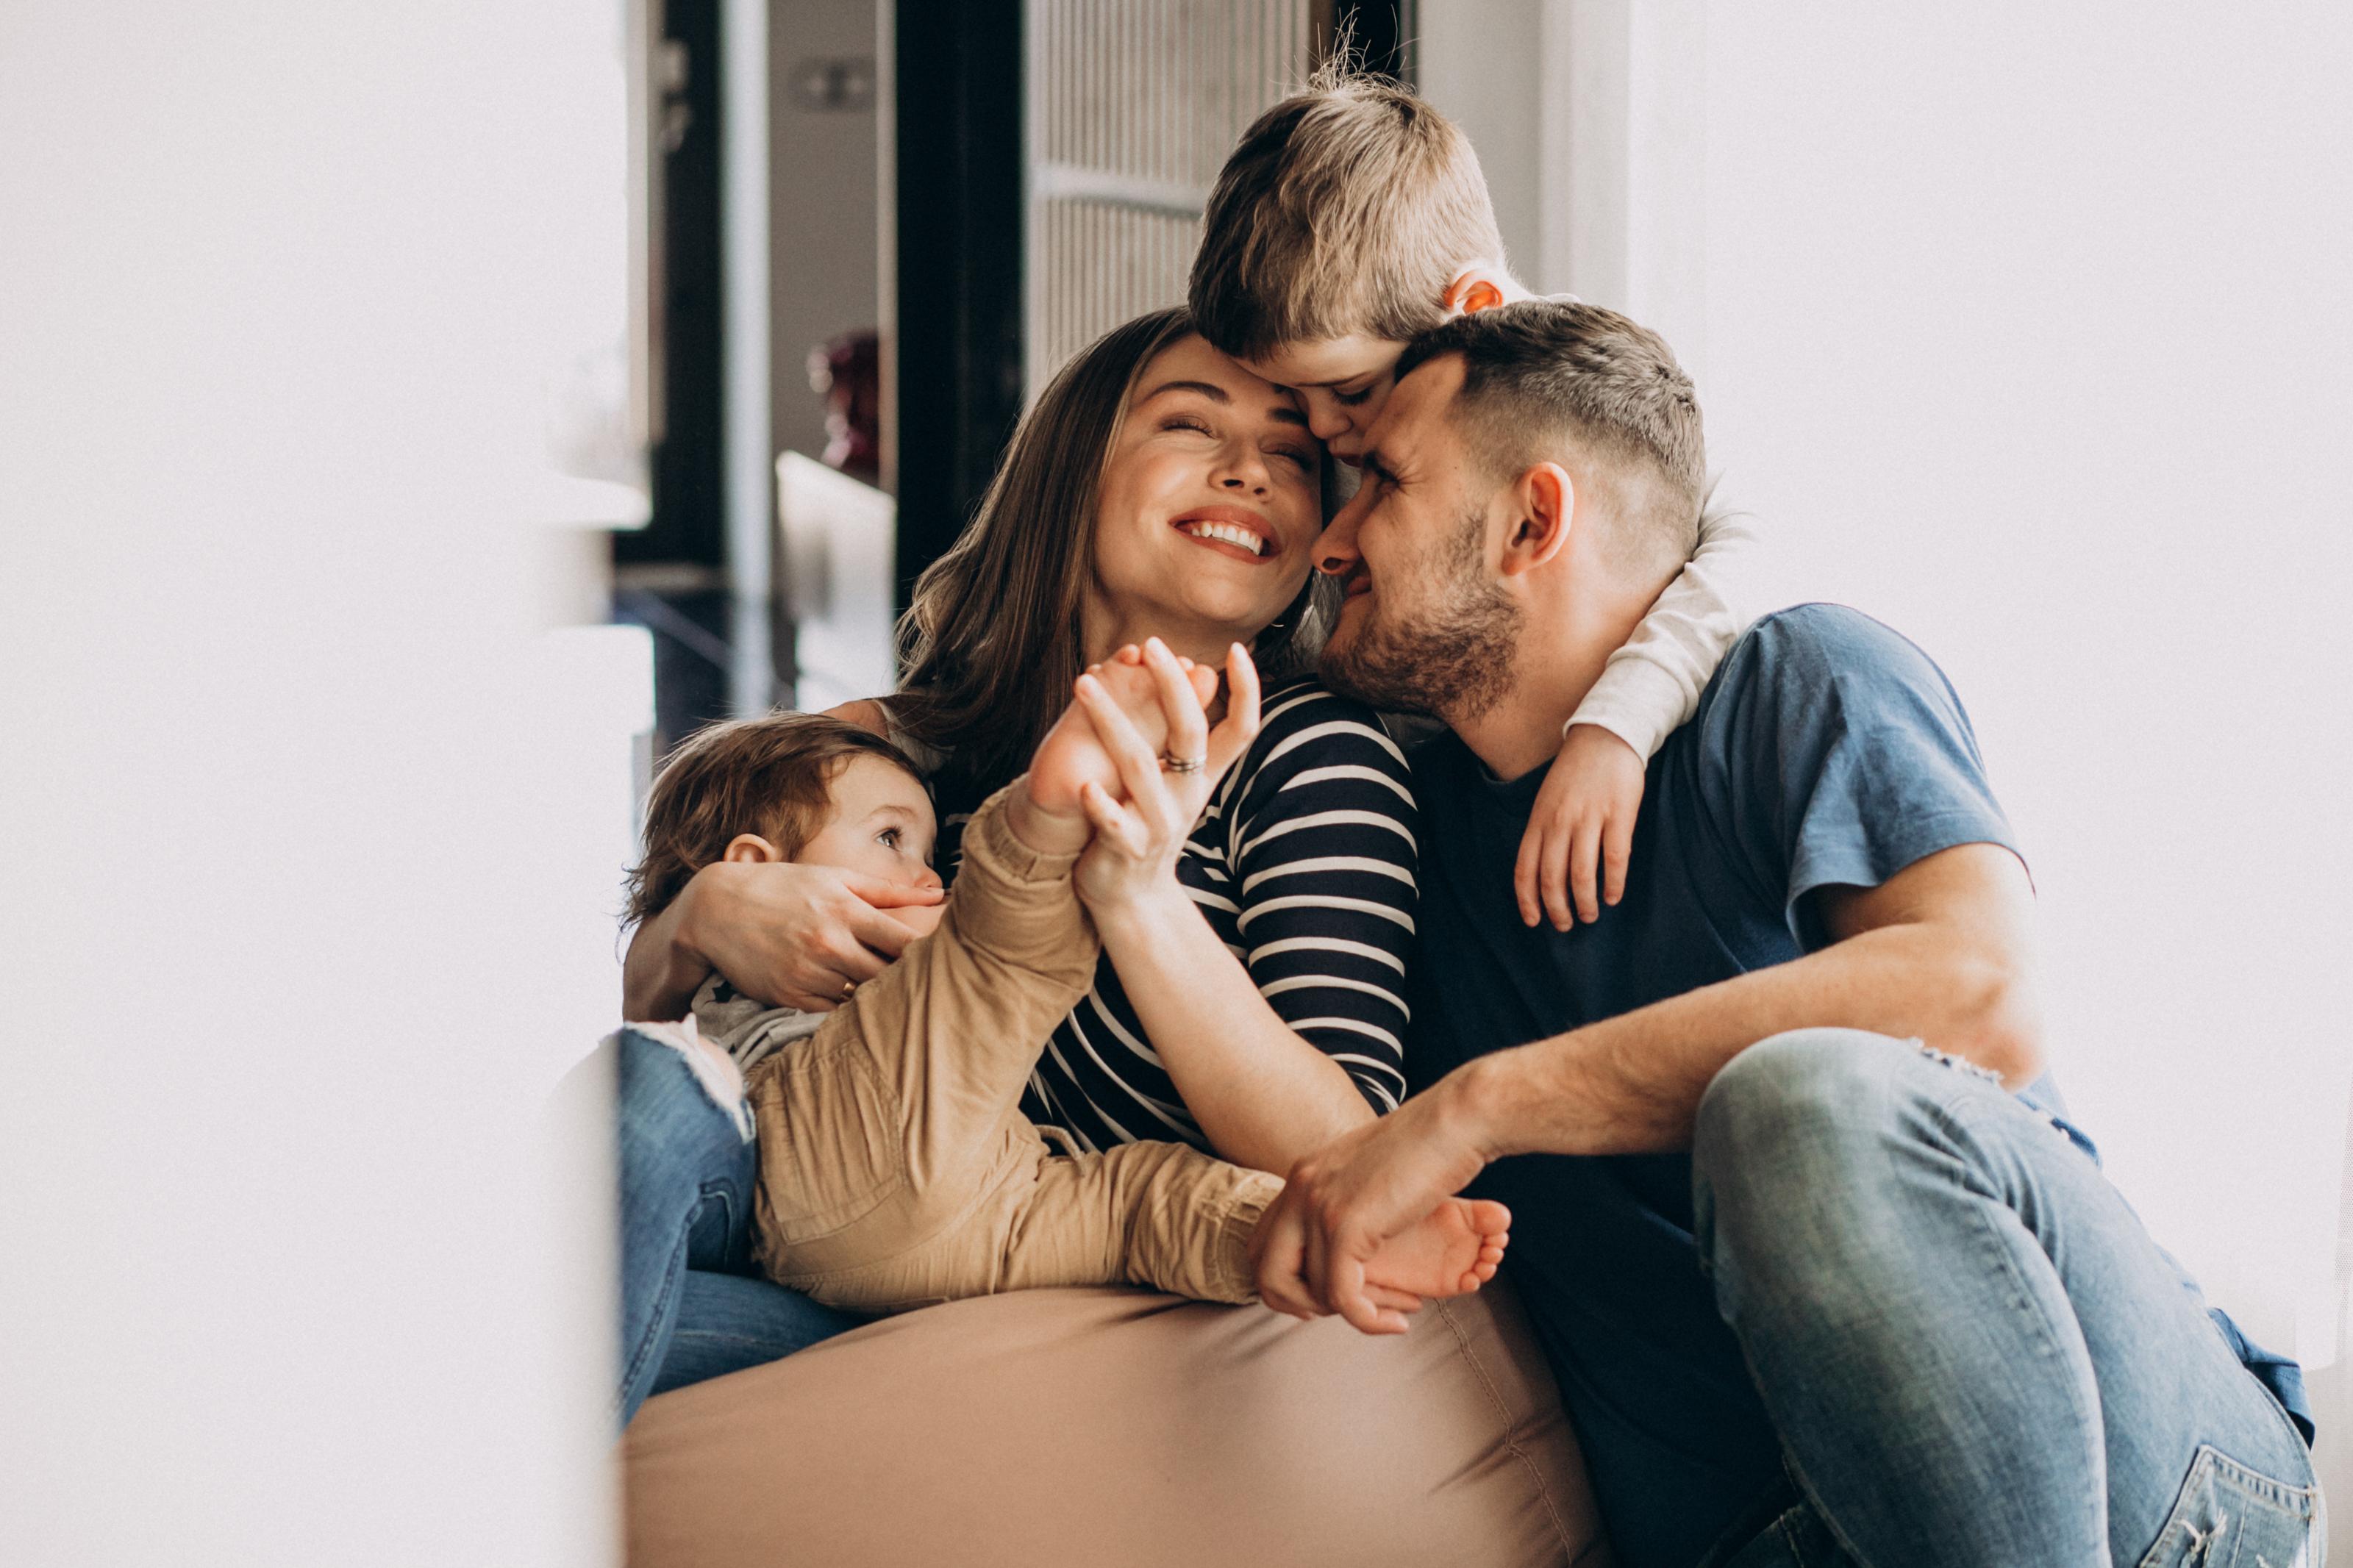 Family-Case Study #1 Rochester, MN PharmD Financial Planning, LLC